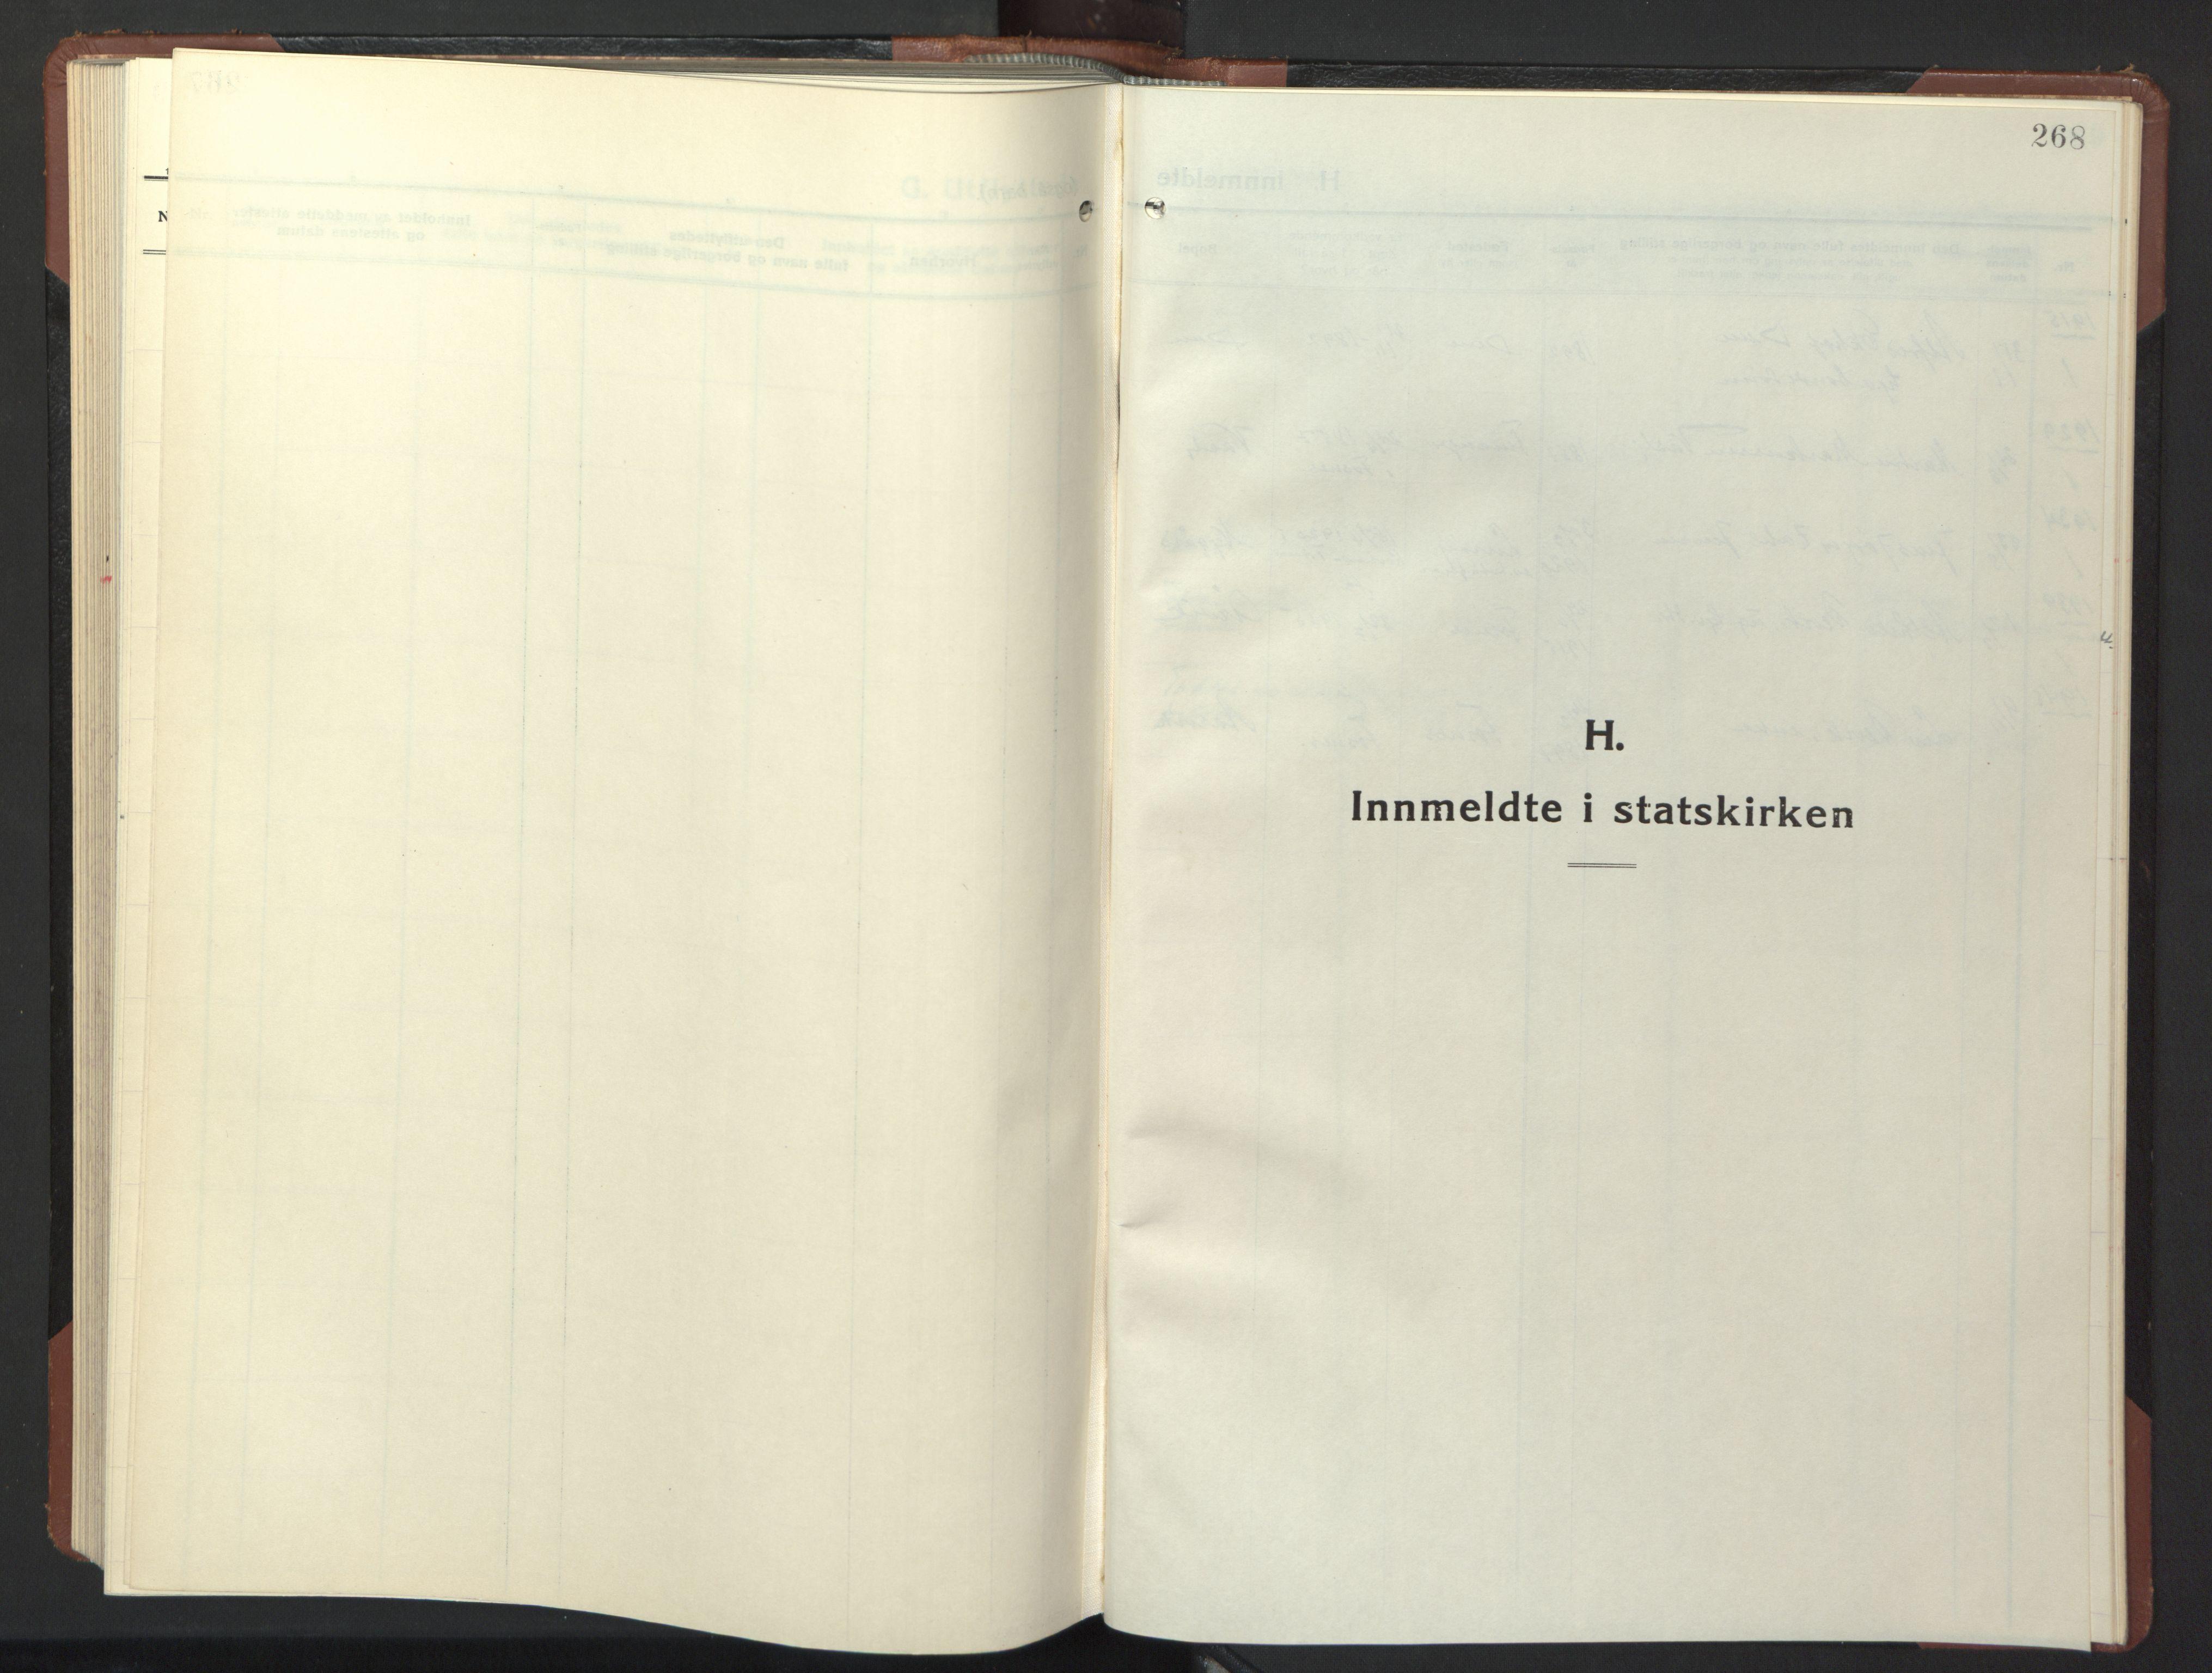 SAT, Ministerialprotokoller, klokkerbøker og fødselsregistre - Nord-Trøndelag, 773/L0625: Klokkerbok nr. 773C01, 1910-1952, s. 268